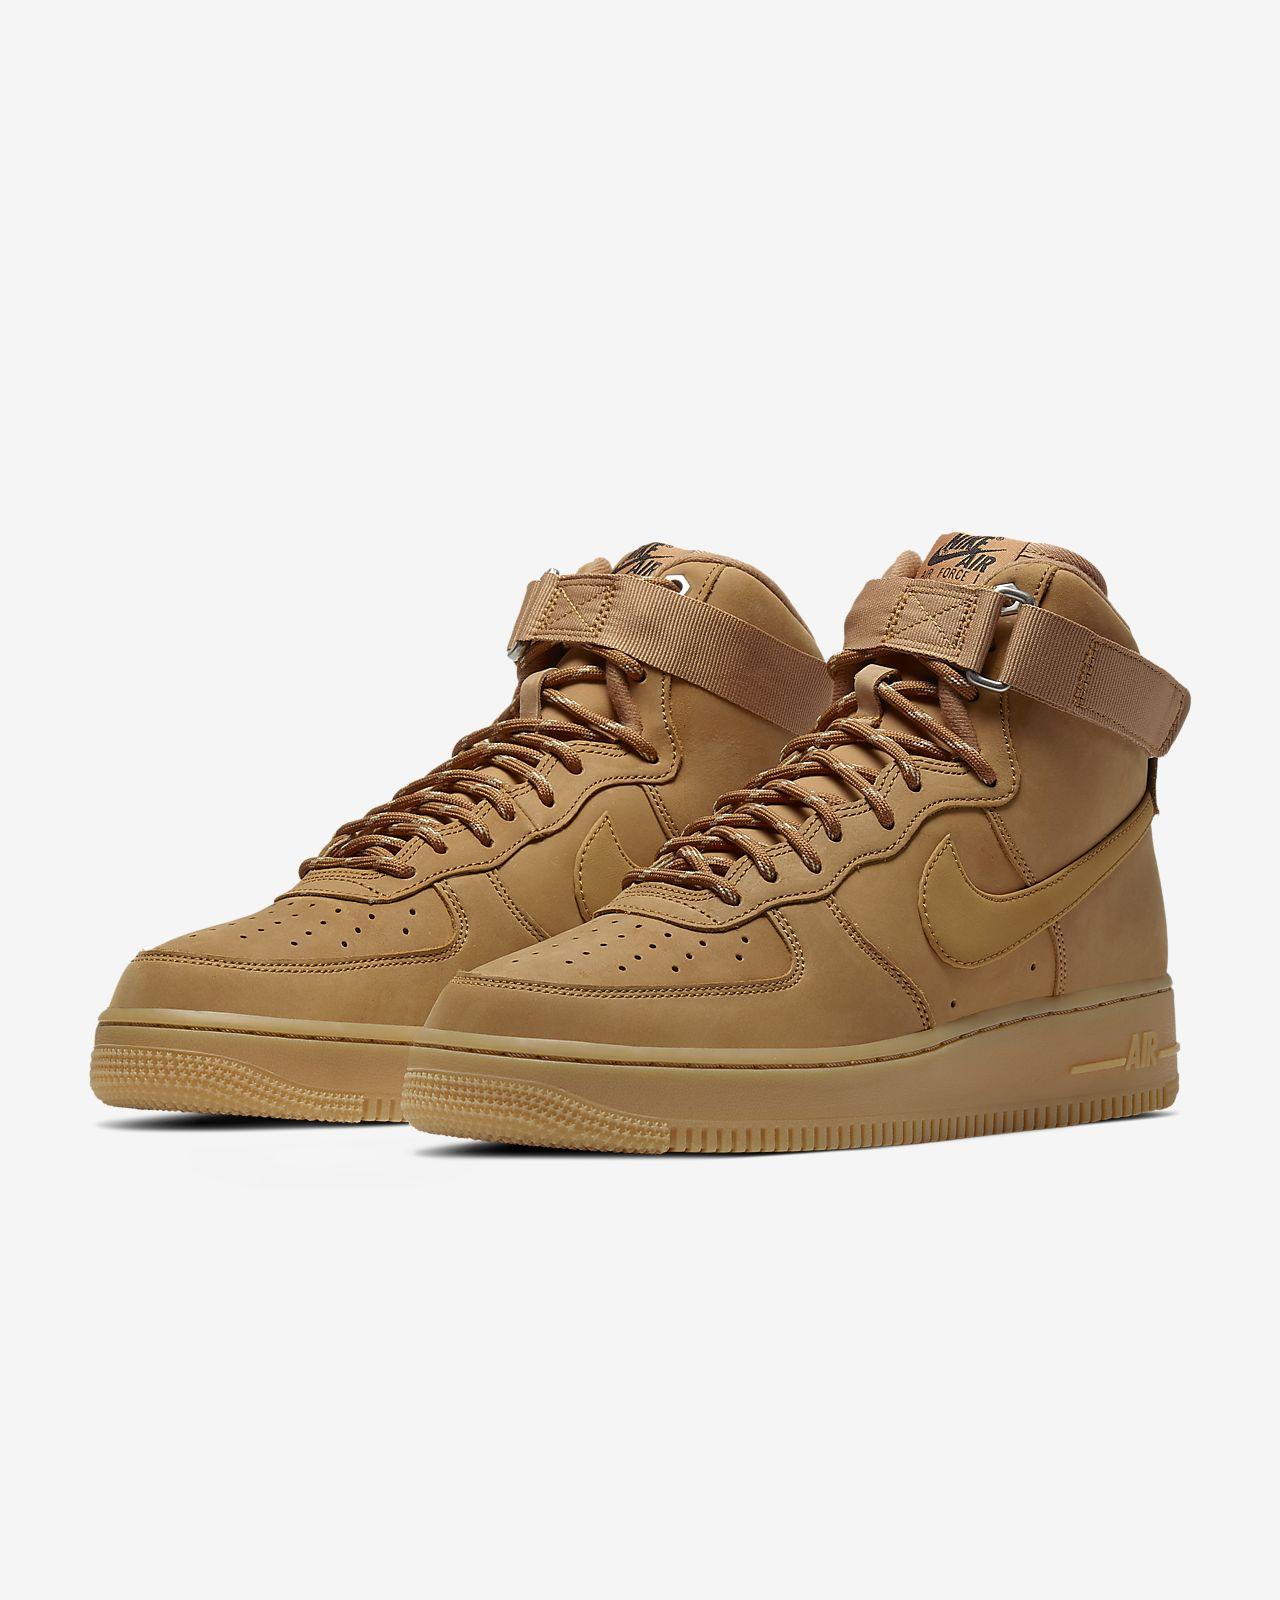 nike air force 1 marron 39 wheat